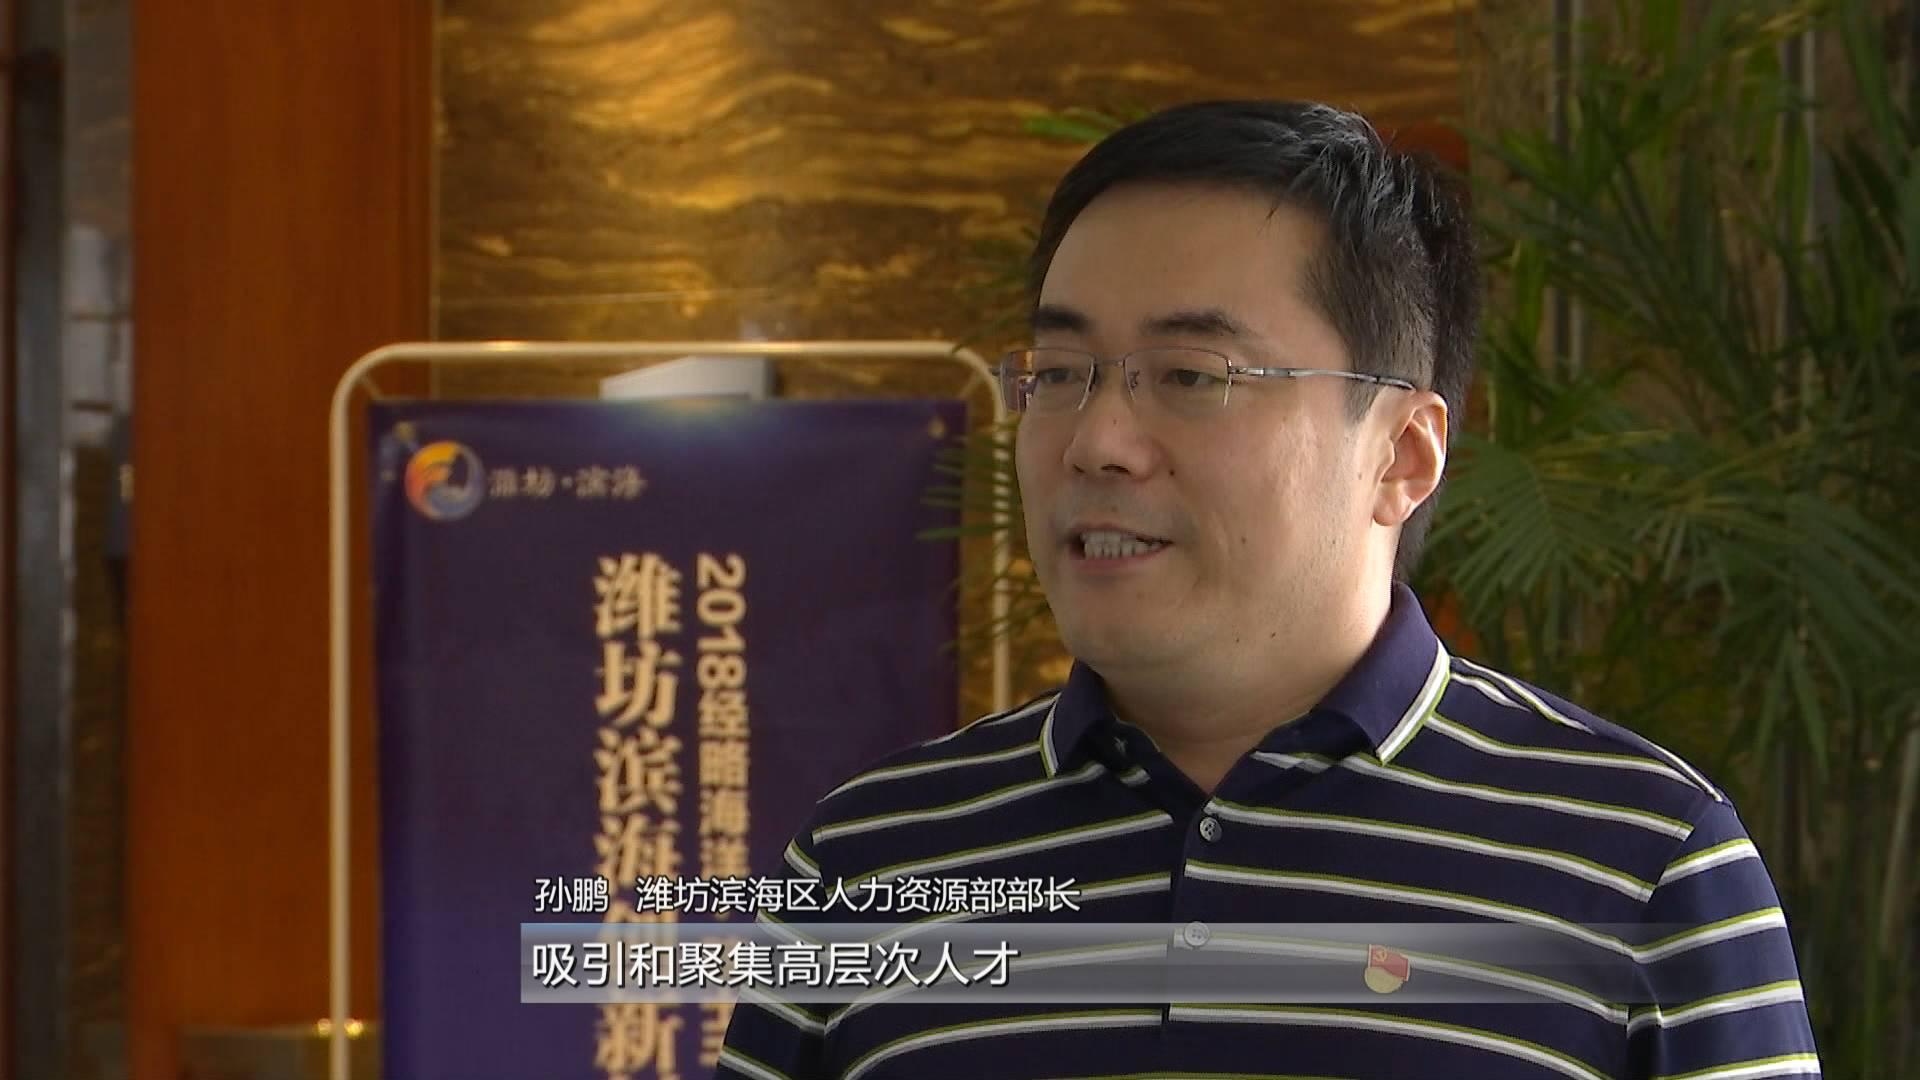 敢领改革风气之先丨潍坊滨海区人力资源部部长孙鹏:吸引和聚集高层次人才创新创业